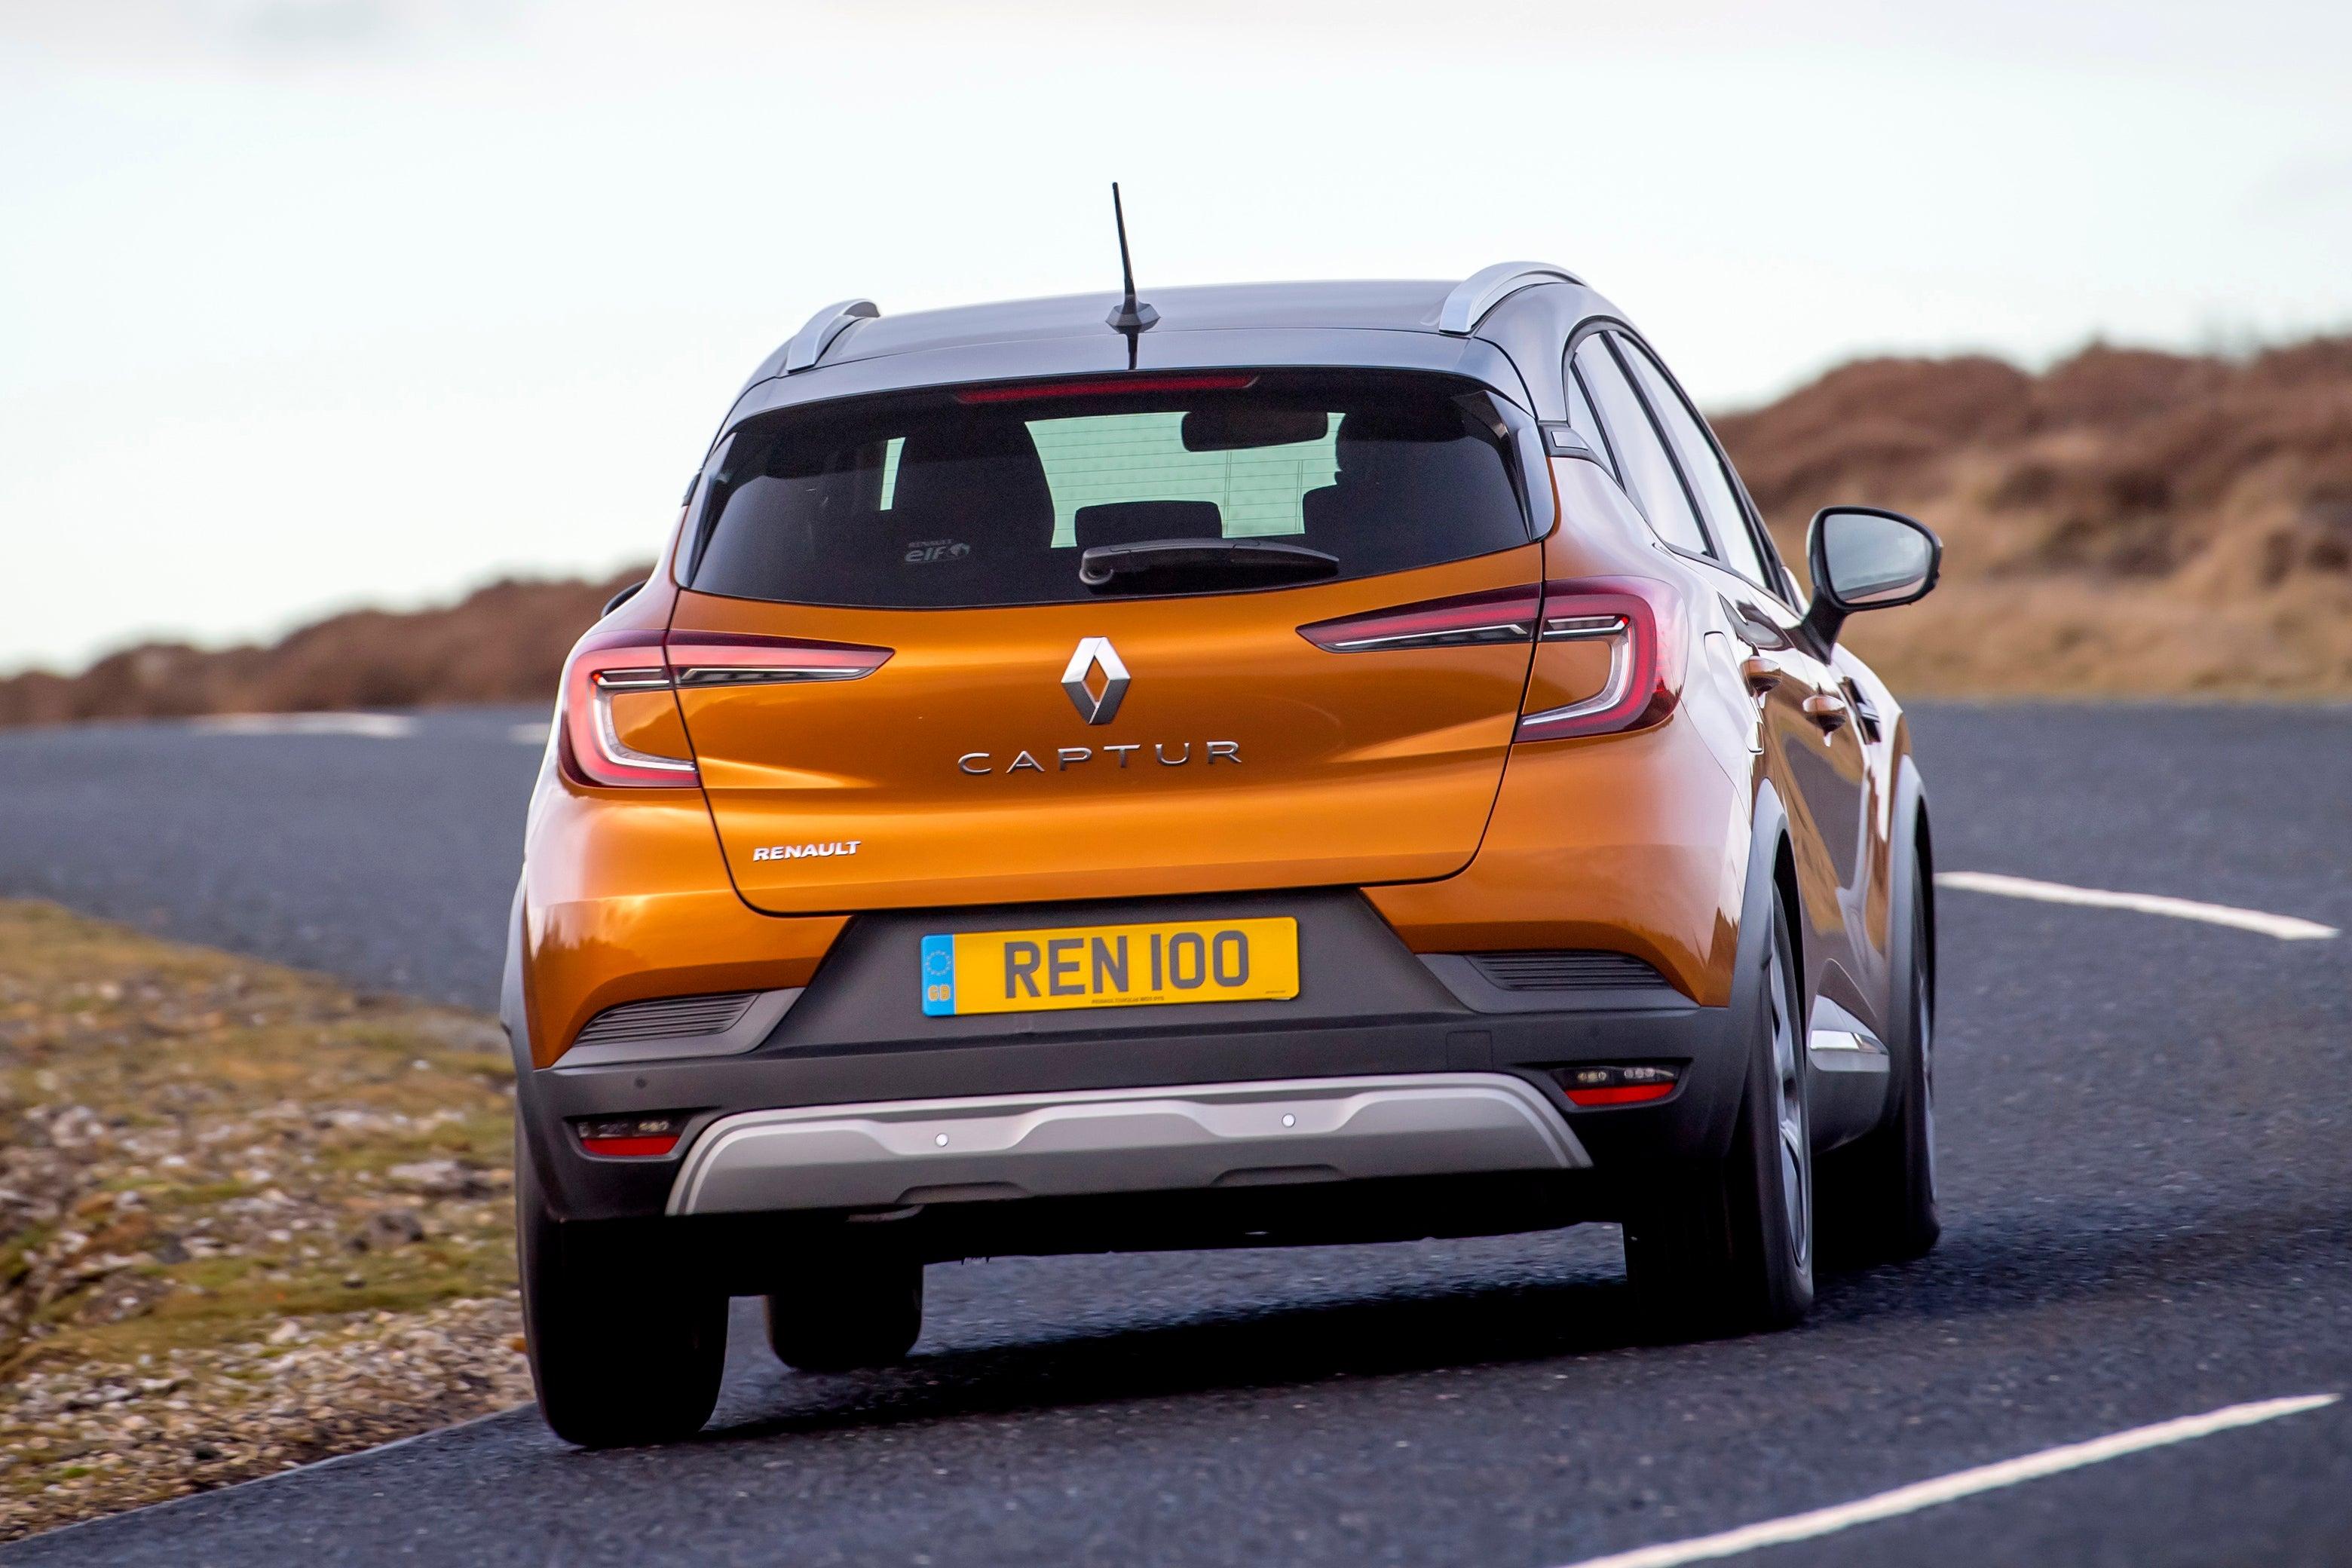 Renault Captur Review 2021: Rear View